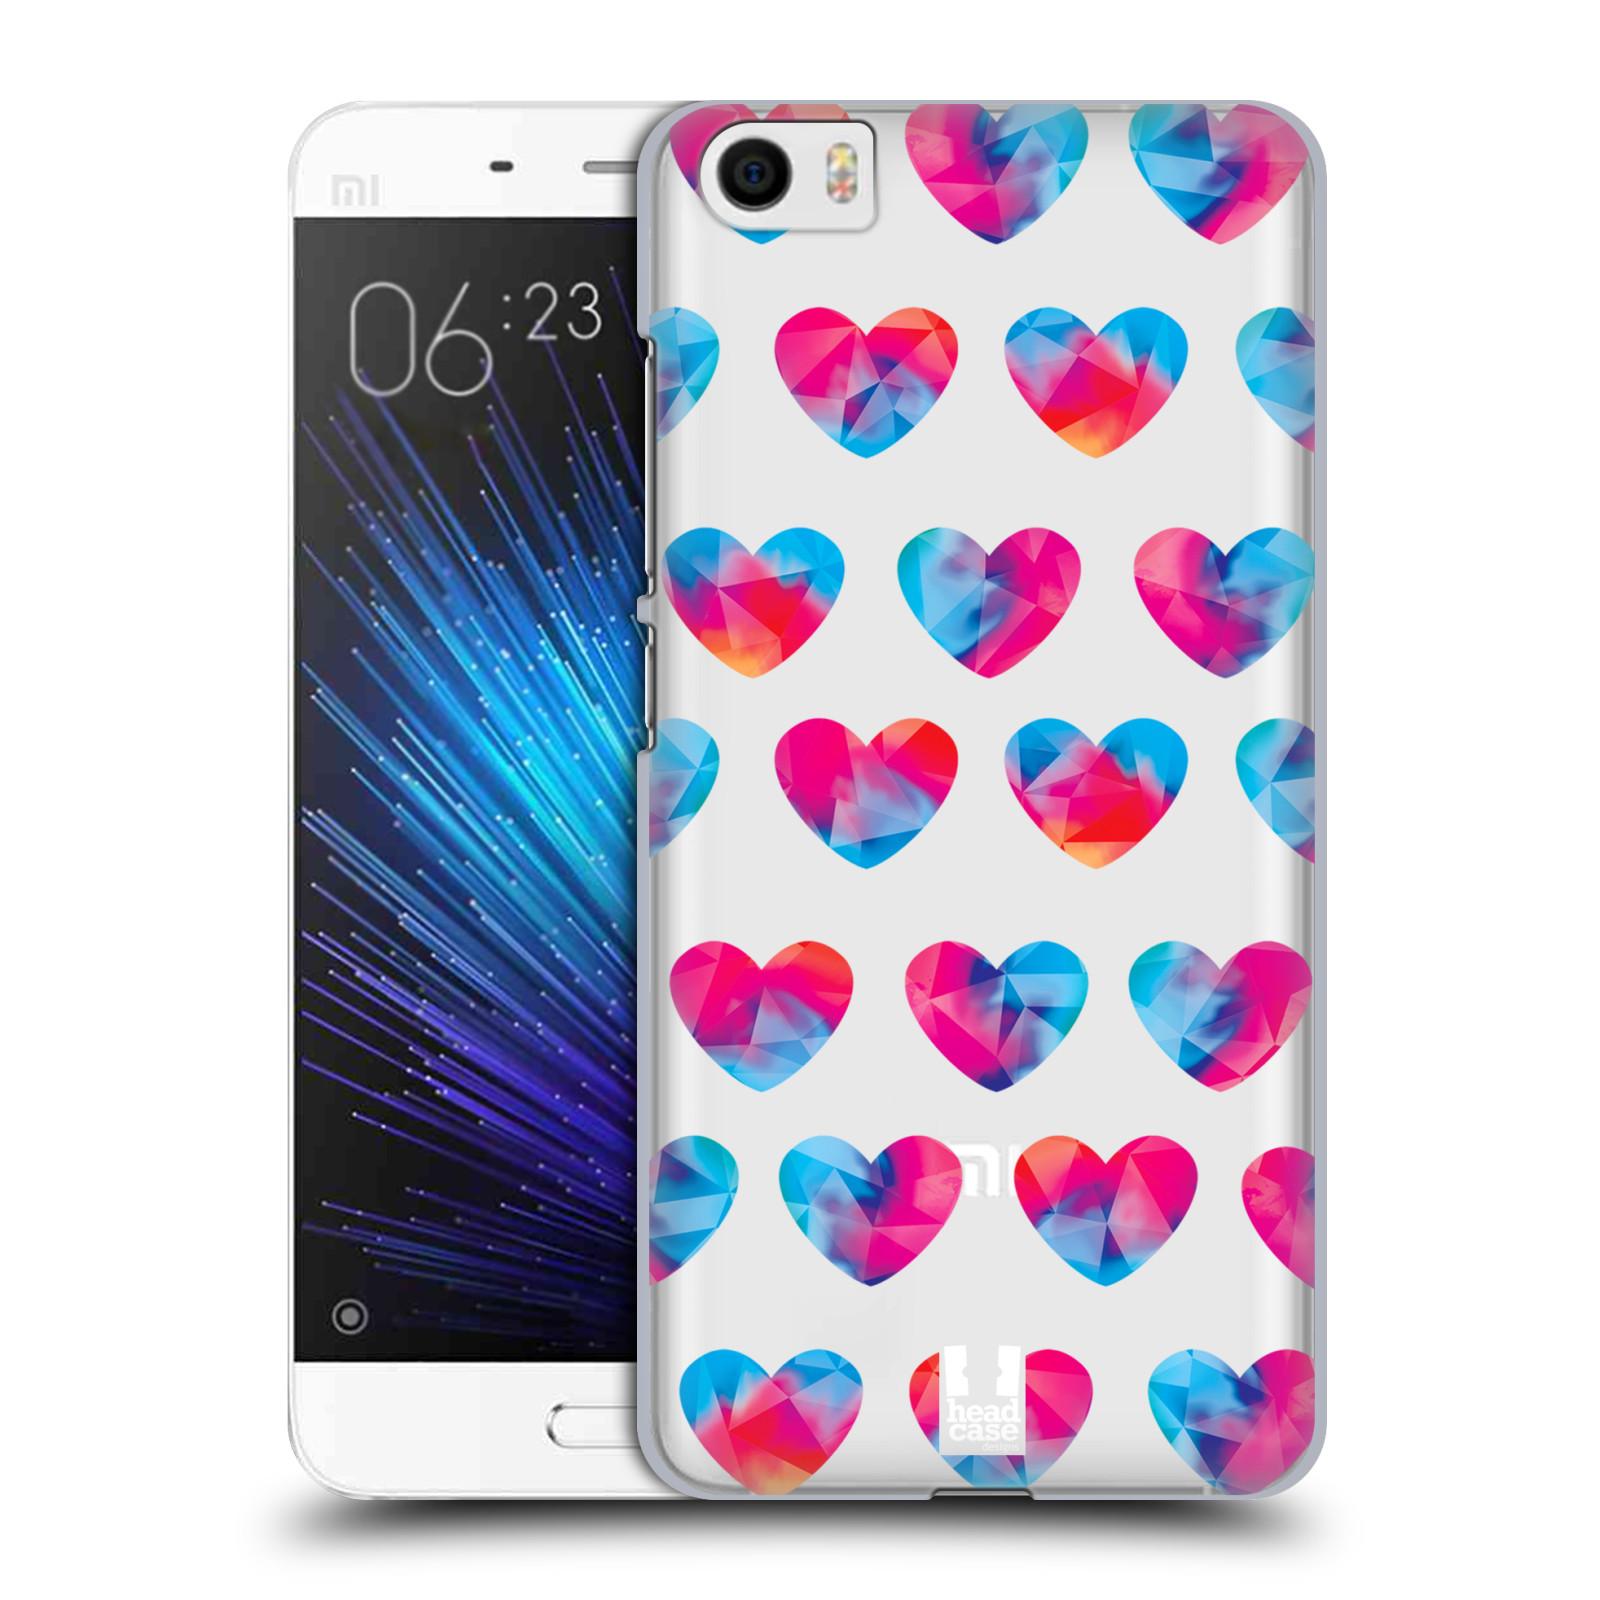 Plastové pouzdro na mobil Xiaomi Mi5 - Head Case - Srdíčka hrající barvami